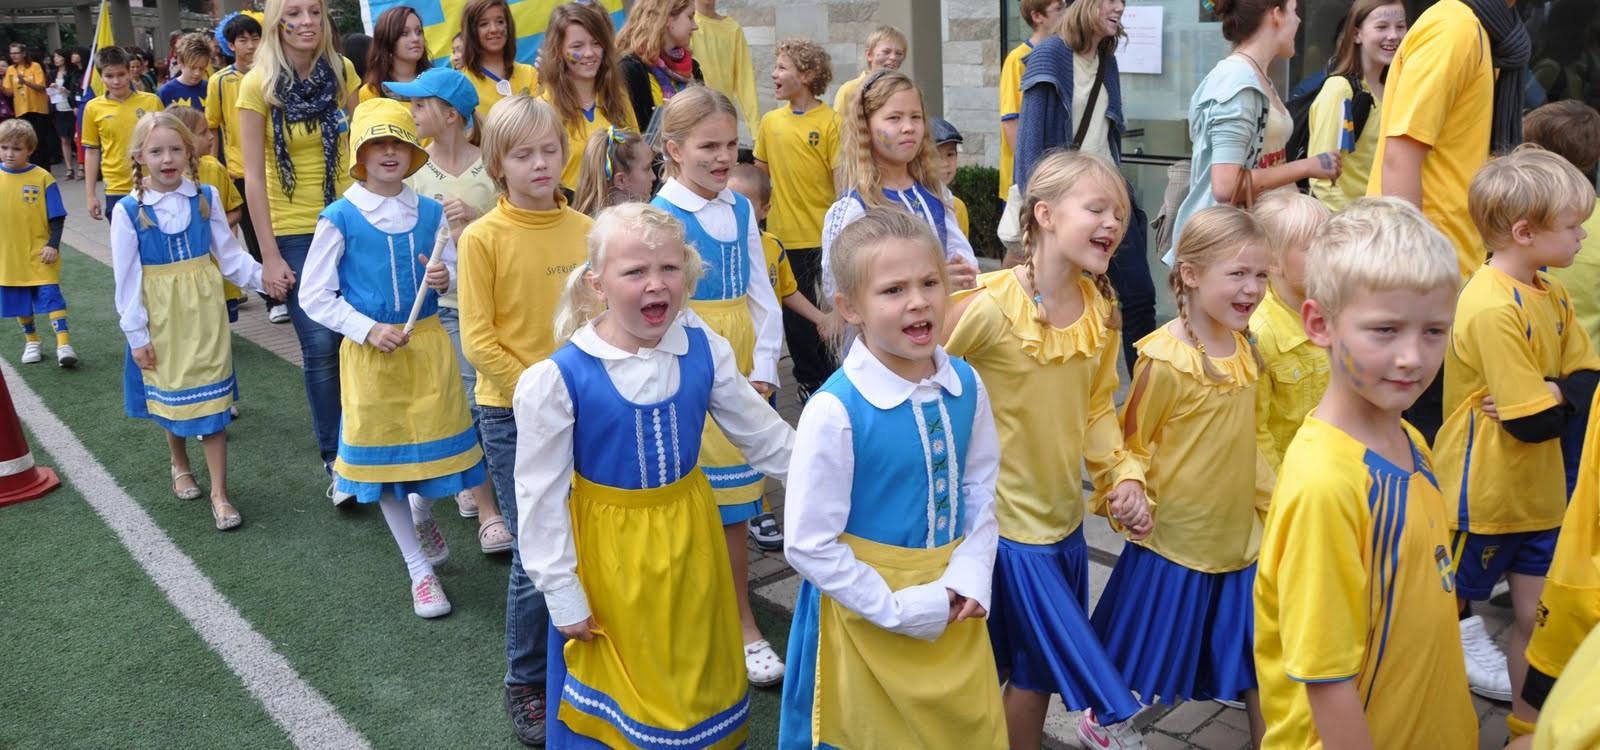 <div class='slider_caption'> <h1>Ett utmärkt sätt att lära känna andra svenskspråkiga barn</h1> <a class='slider-readmore' href='http://sv.wikipedia.org/wiki/Skolplikt'>wikipedia skolplikt i sverige</a> </div>